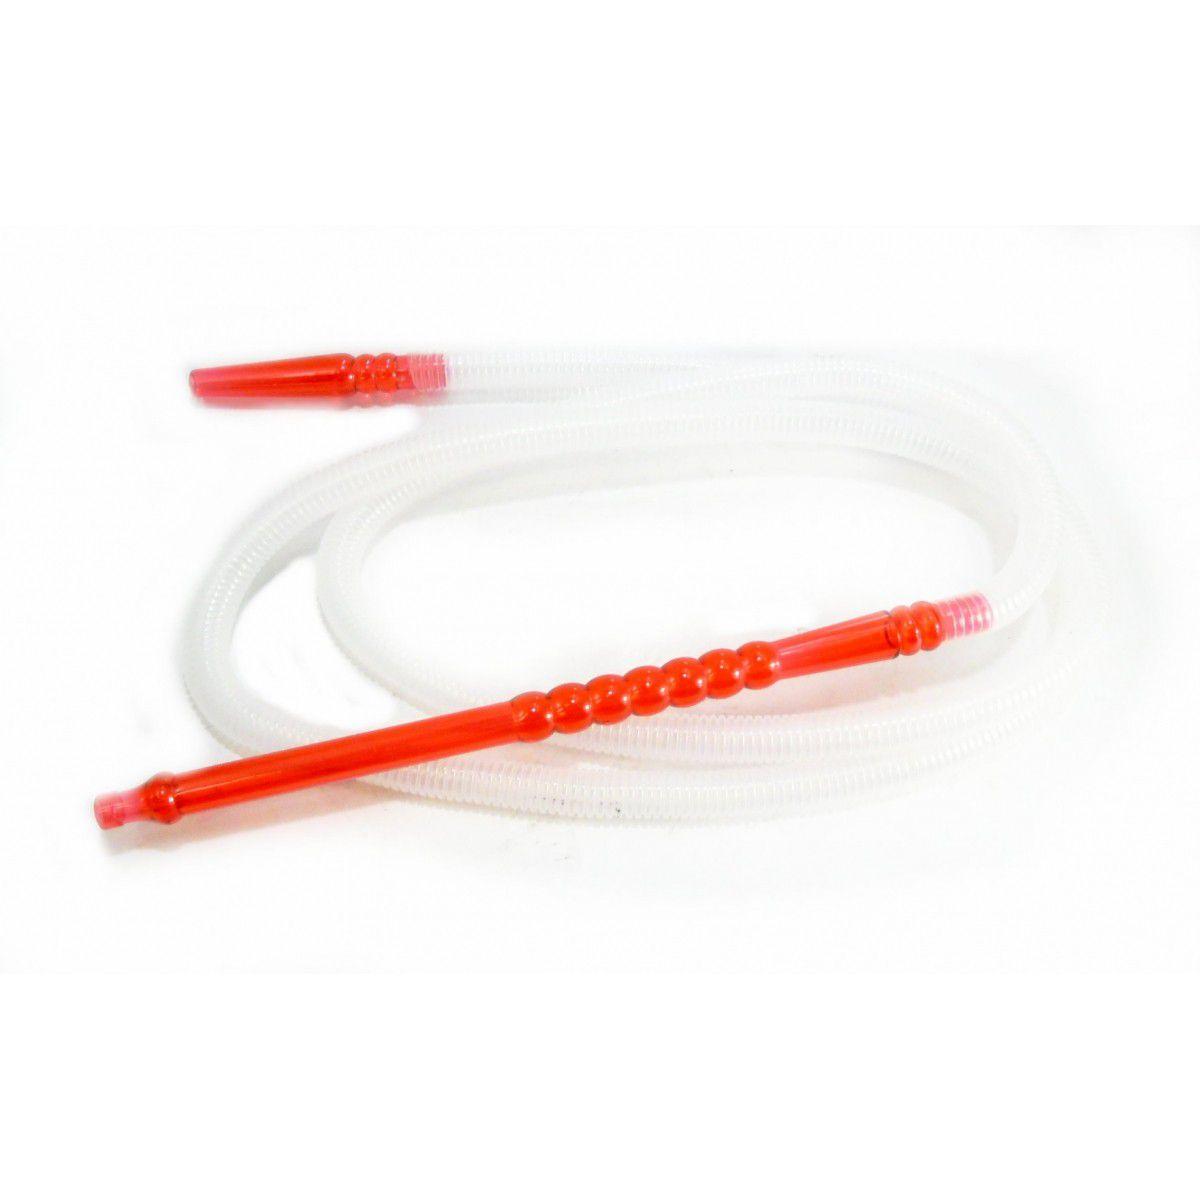 Mangueira p/narguile lavável MD HOSE Mundial, grossa, em plástico corrugado semitransparente. 2,20m. Vermelho